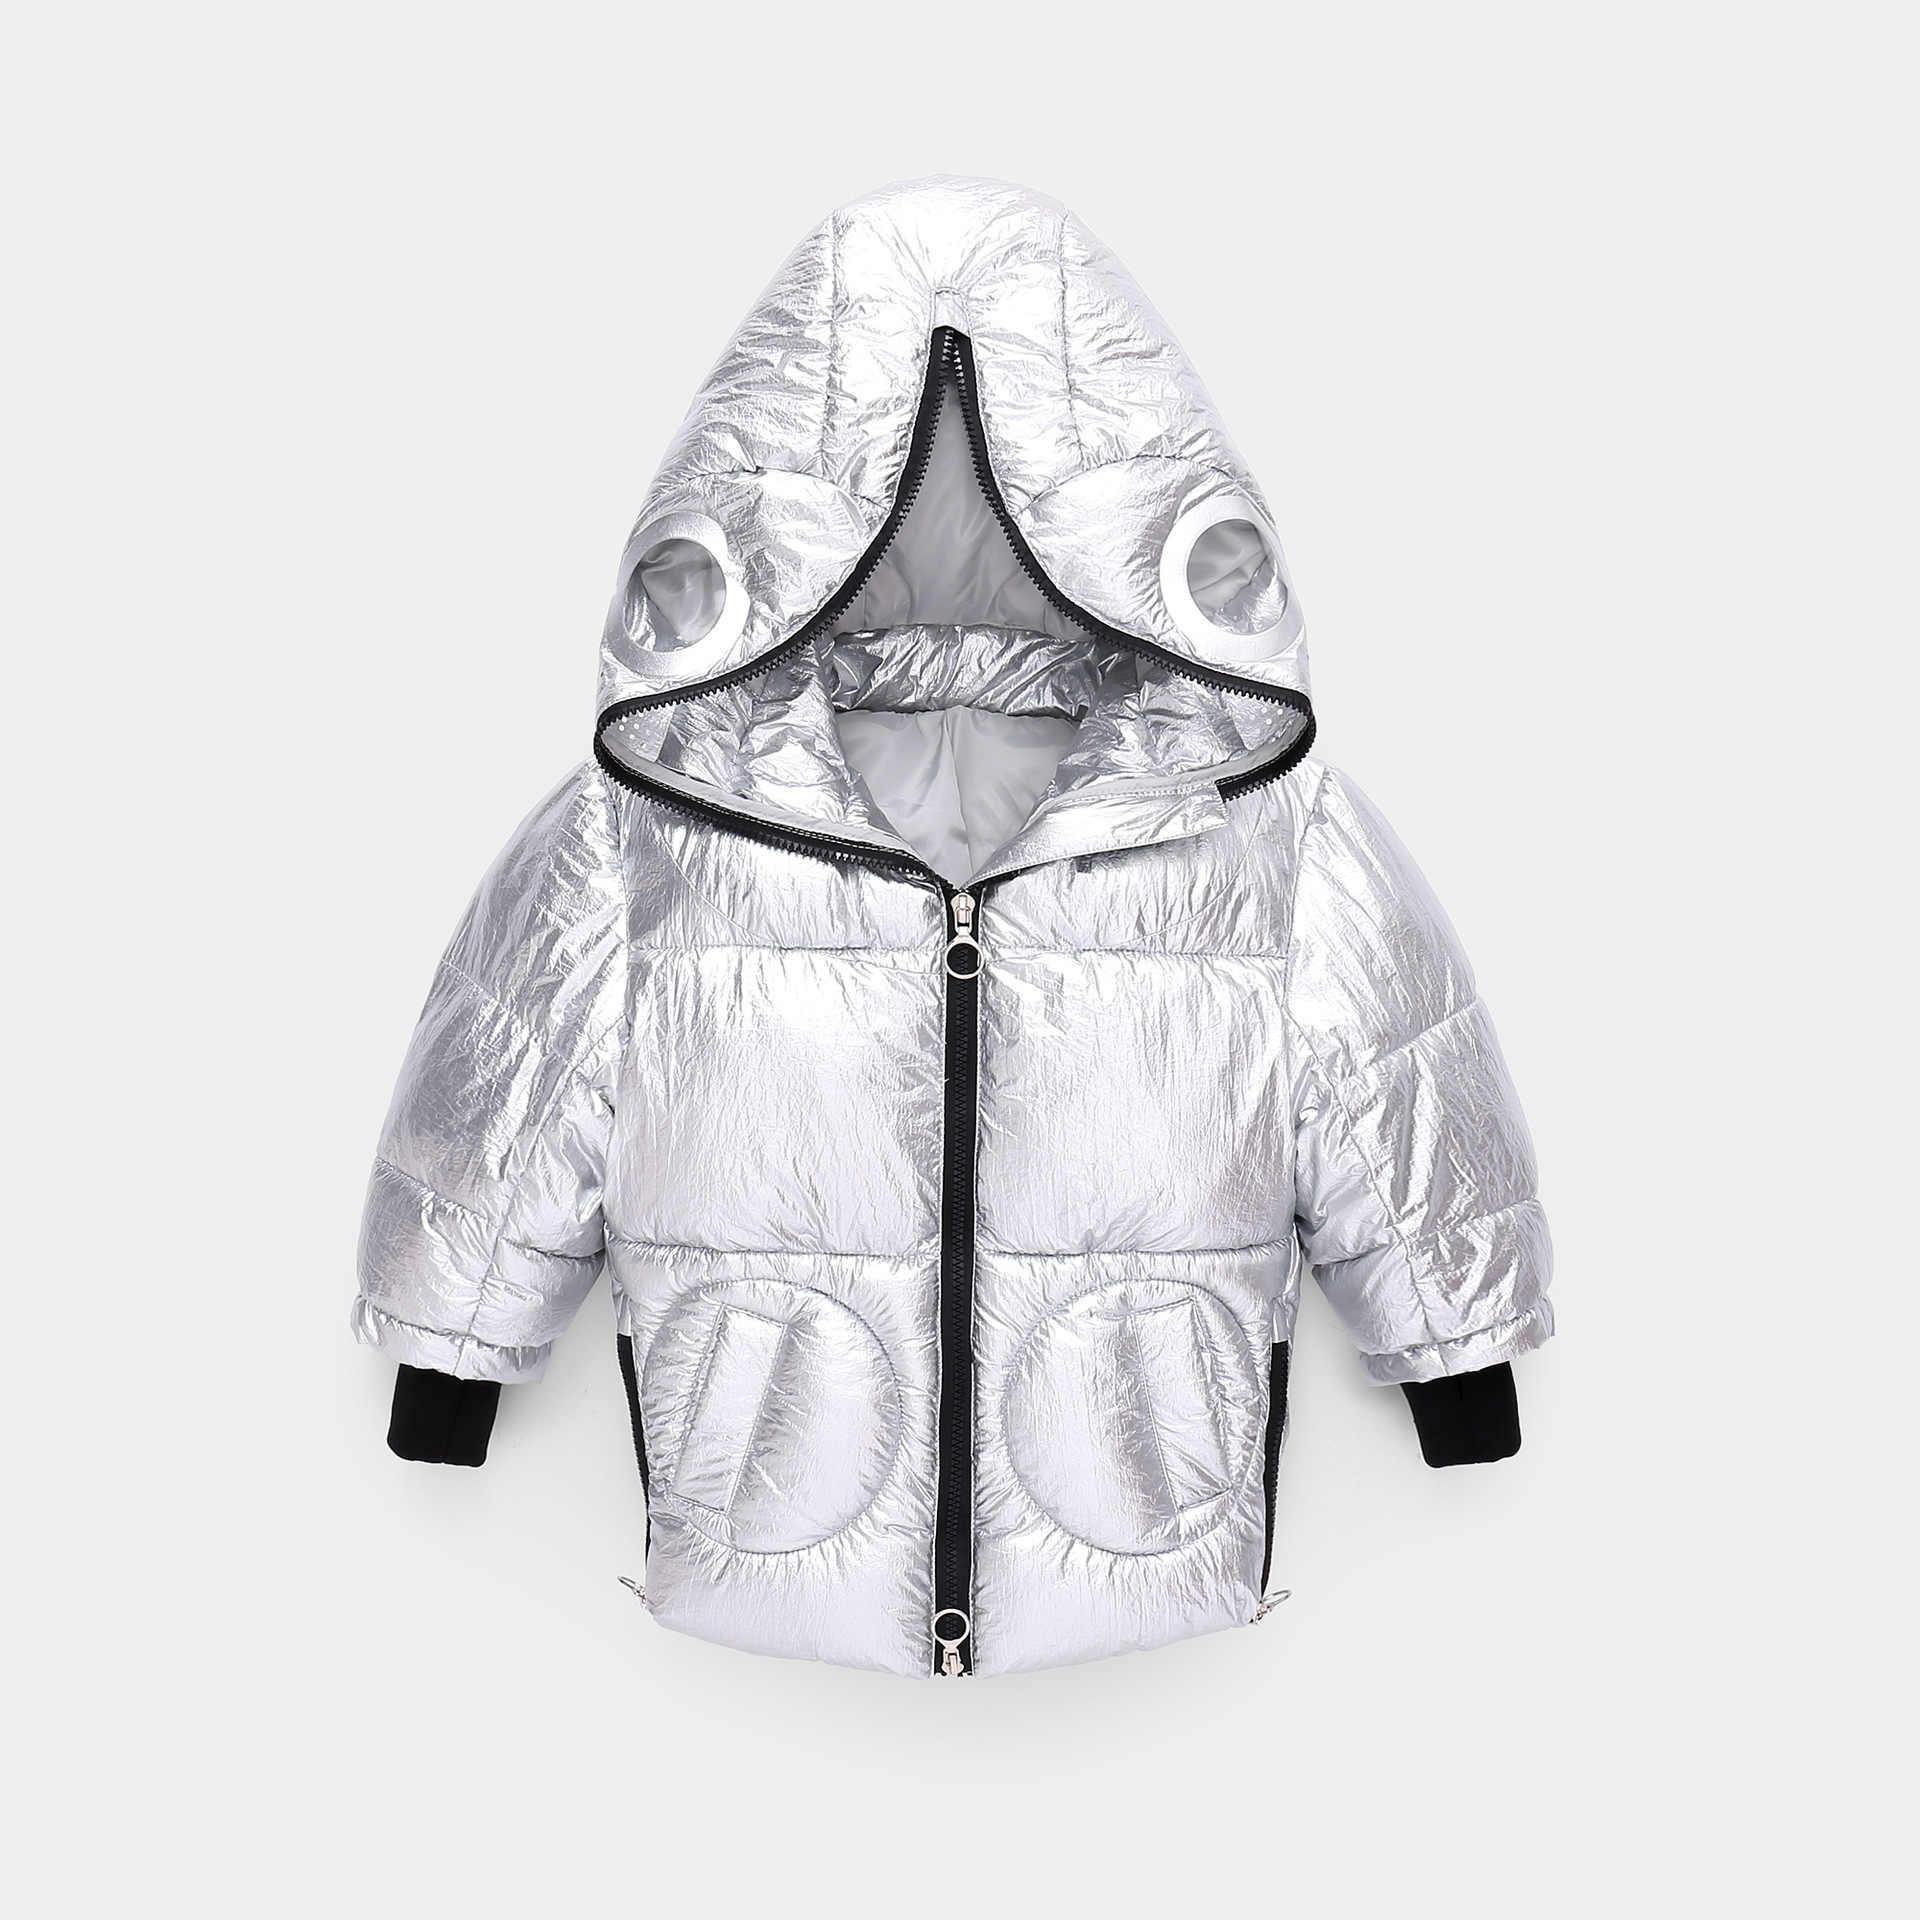 Çocuk kış ceket erkek karikatür canavar ceket bebek giysileri çocuklar parka yürümeye başlayan pamuk-yastıklı sıcak ceket kız kar takım elbise